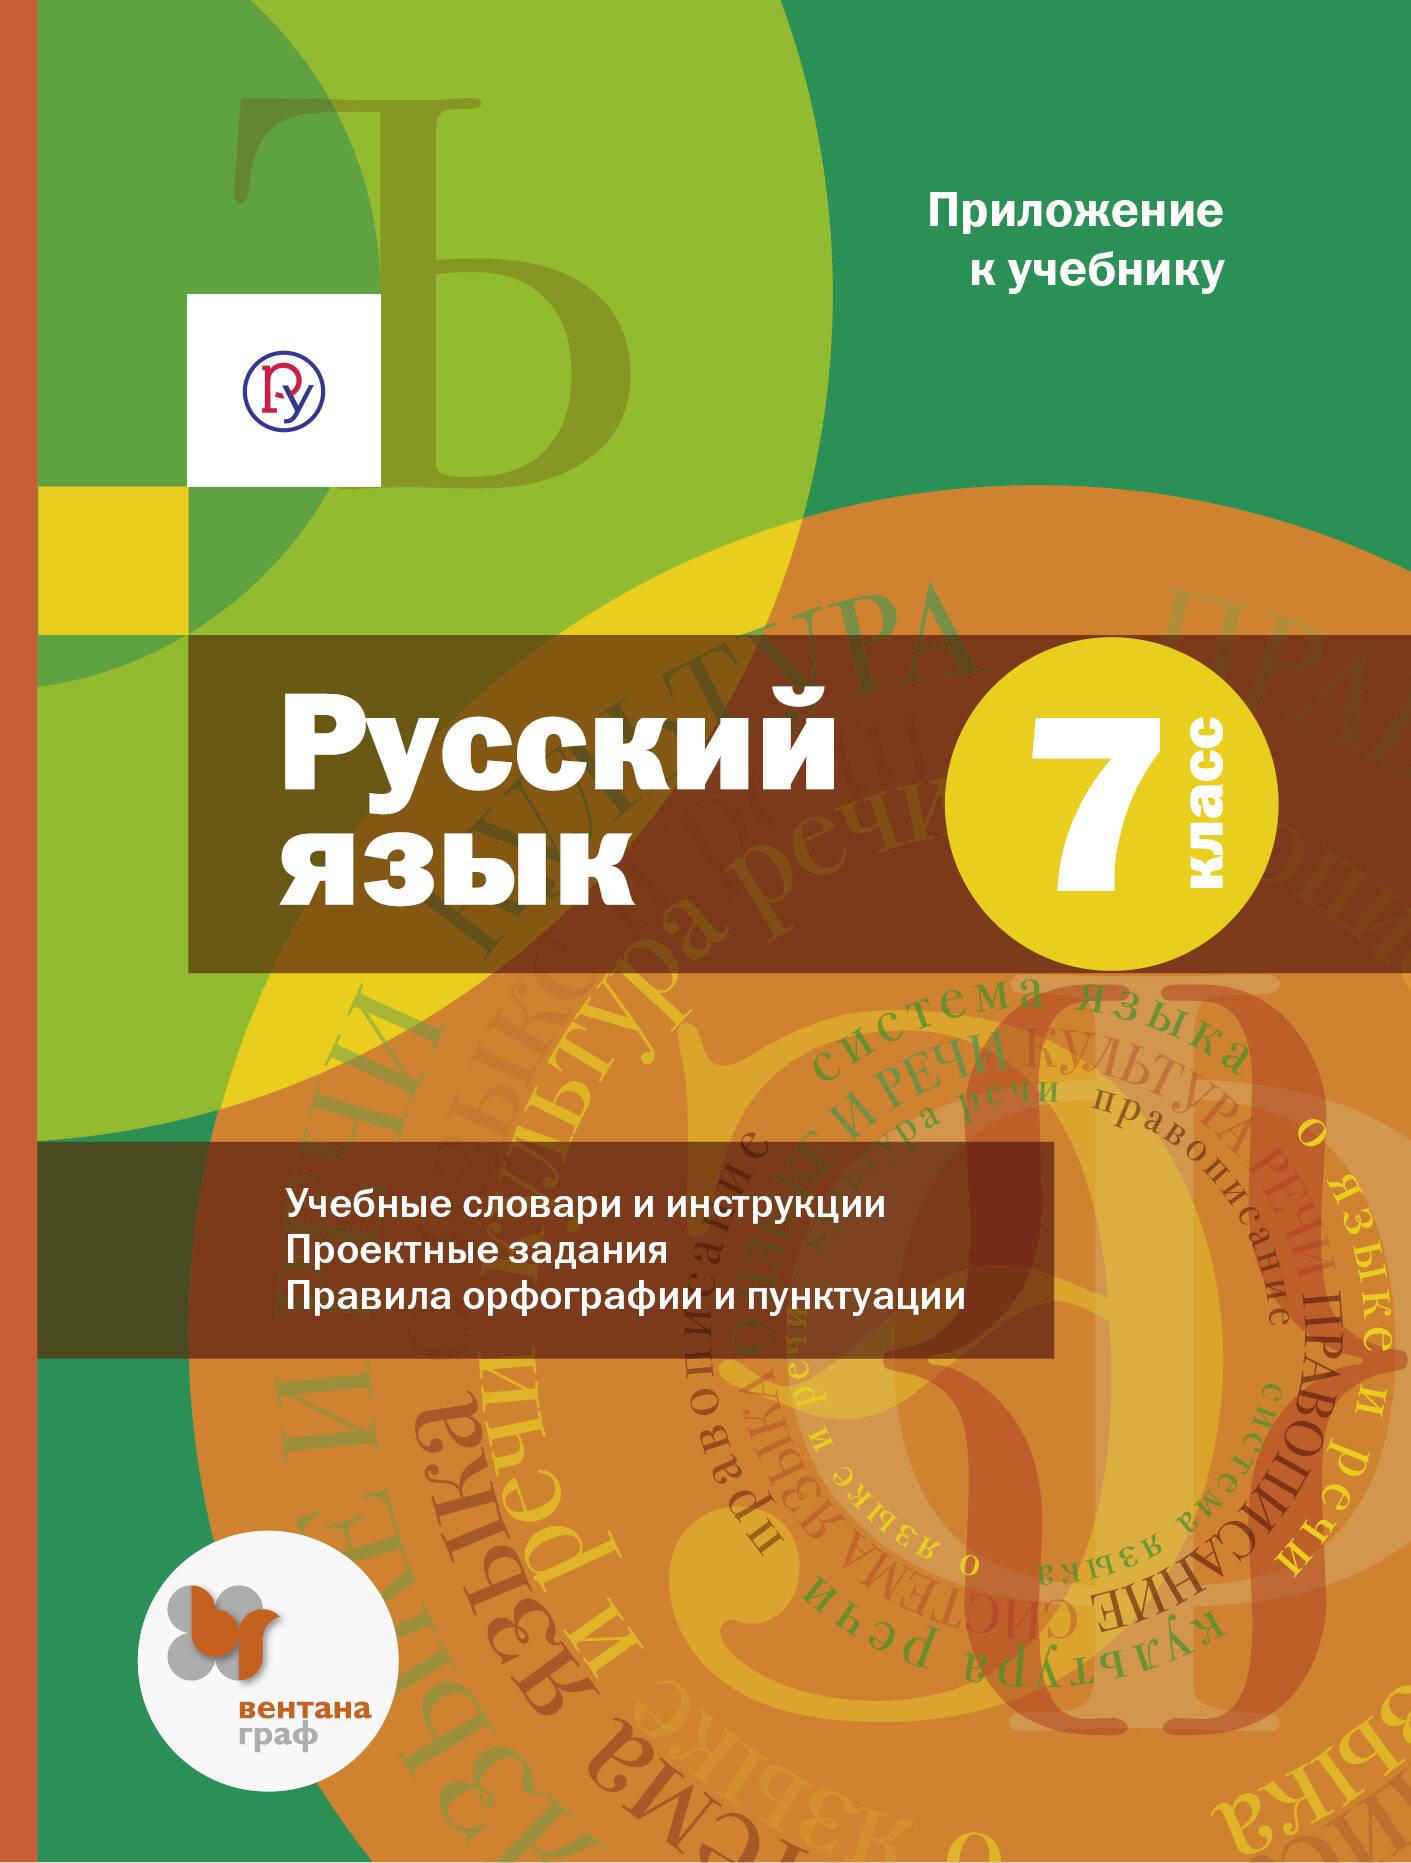 Решебник по русскому языку под редакцией шмелева